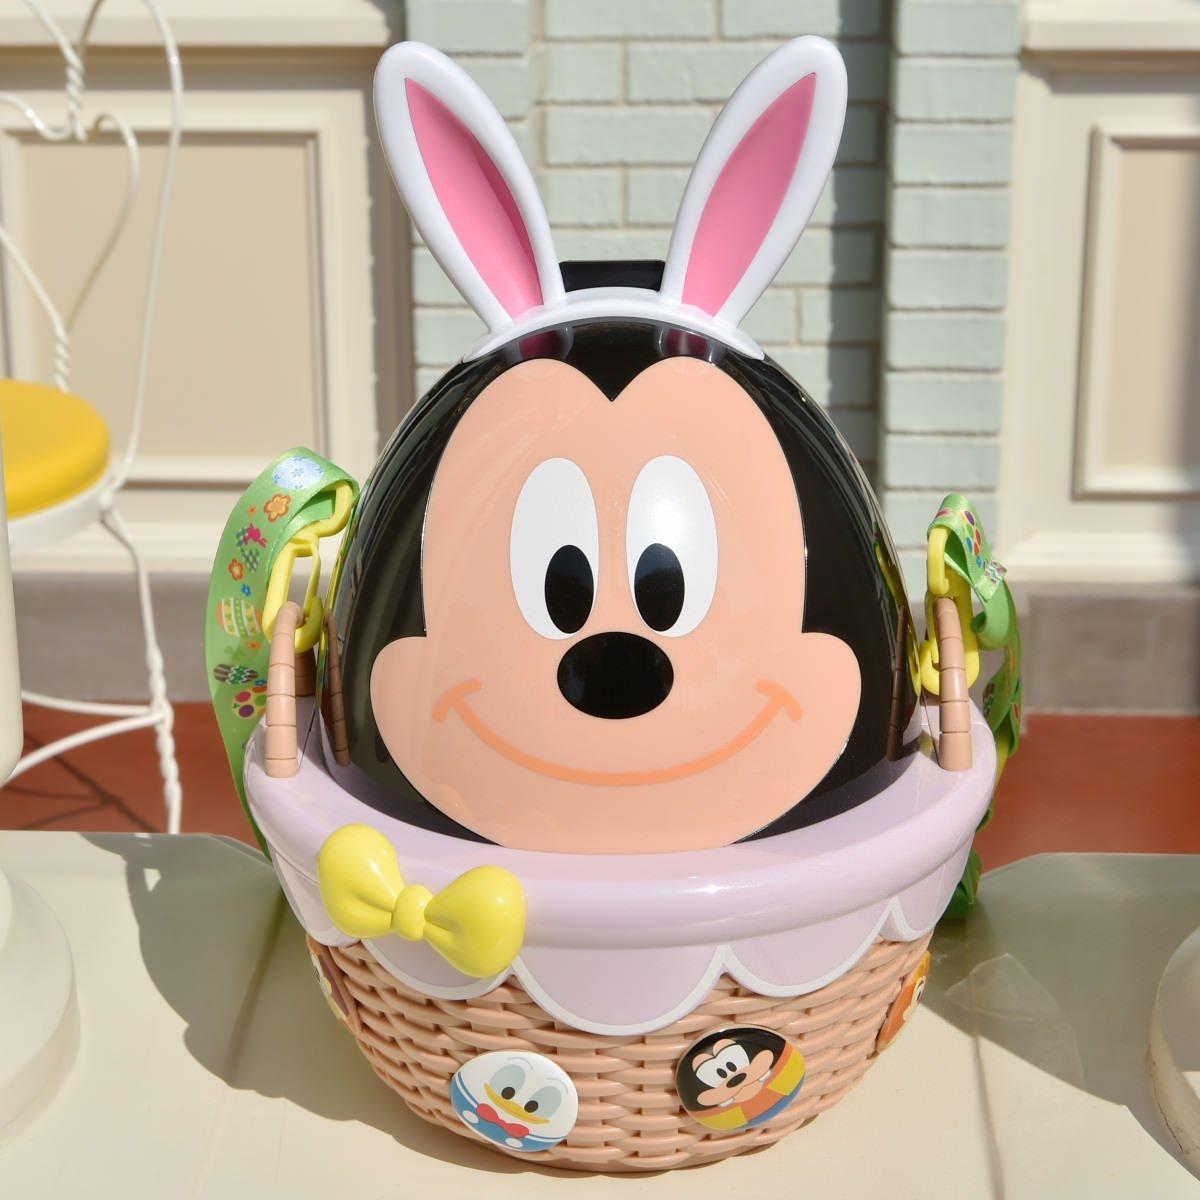 X射線【C141003】日本東京迪士尼代購-米奇Mickey 復活節彩蛋限定版造型爆米花桶,包包掛飾/鑰匙圈/置物桶/收納架/收納包